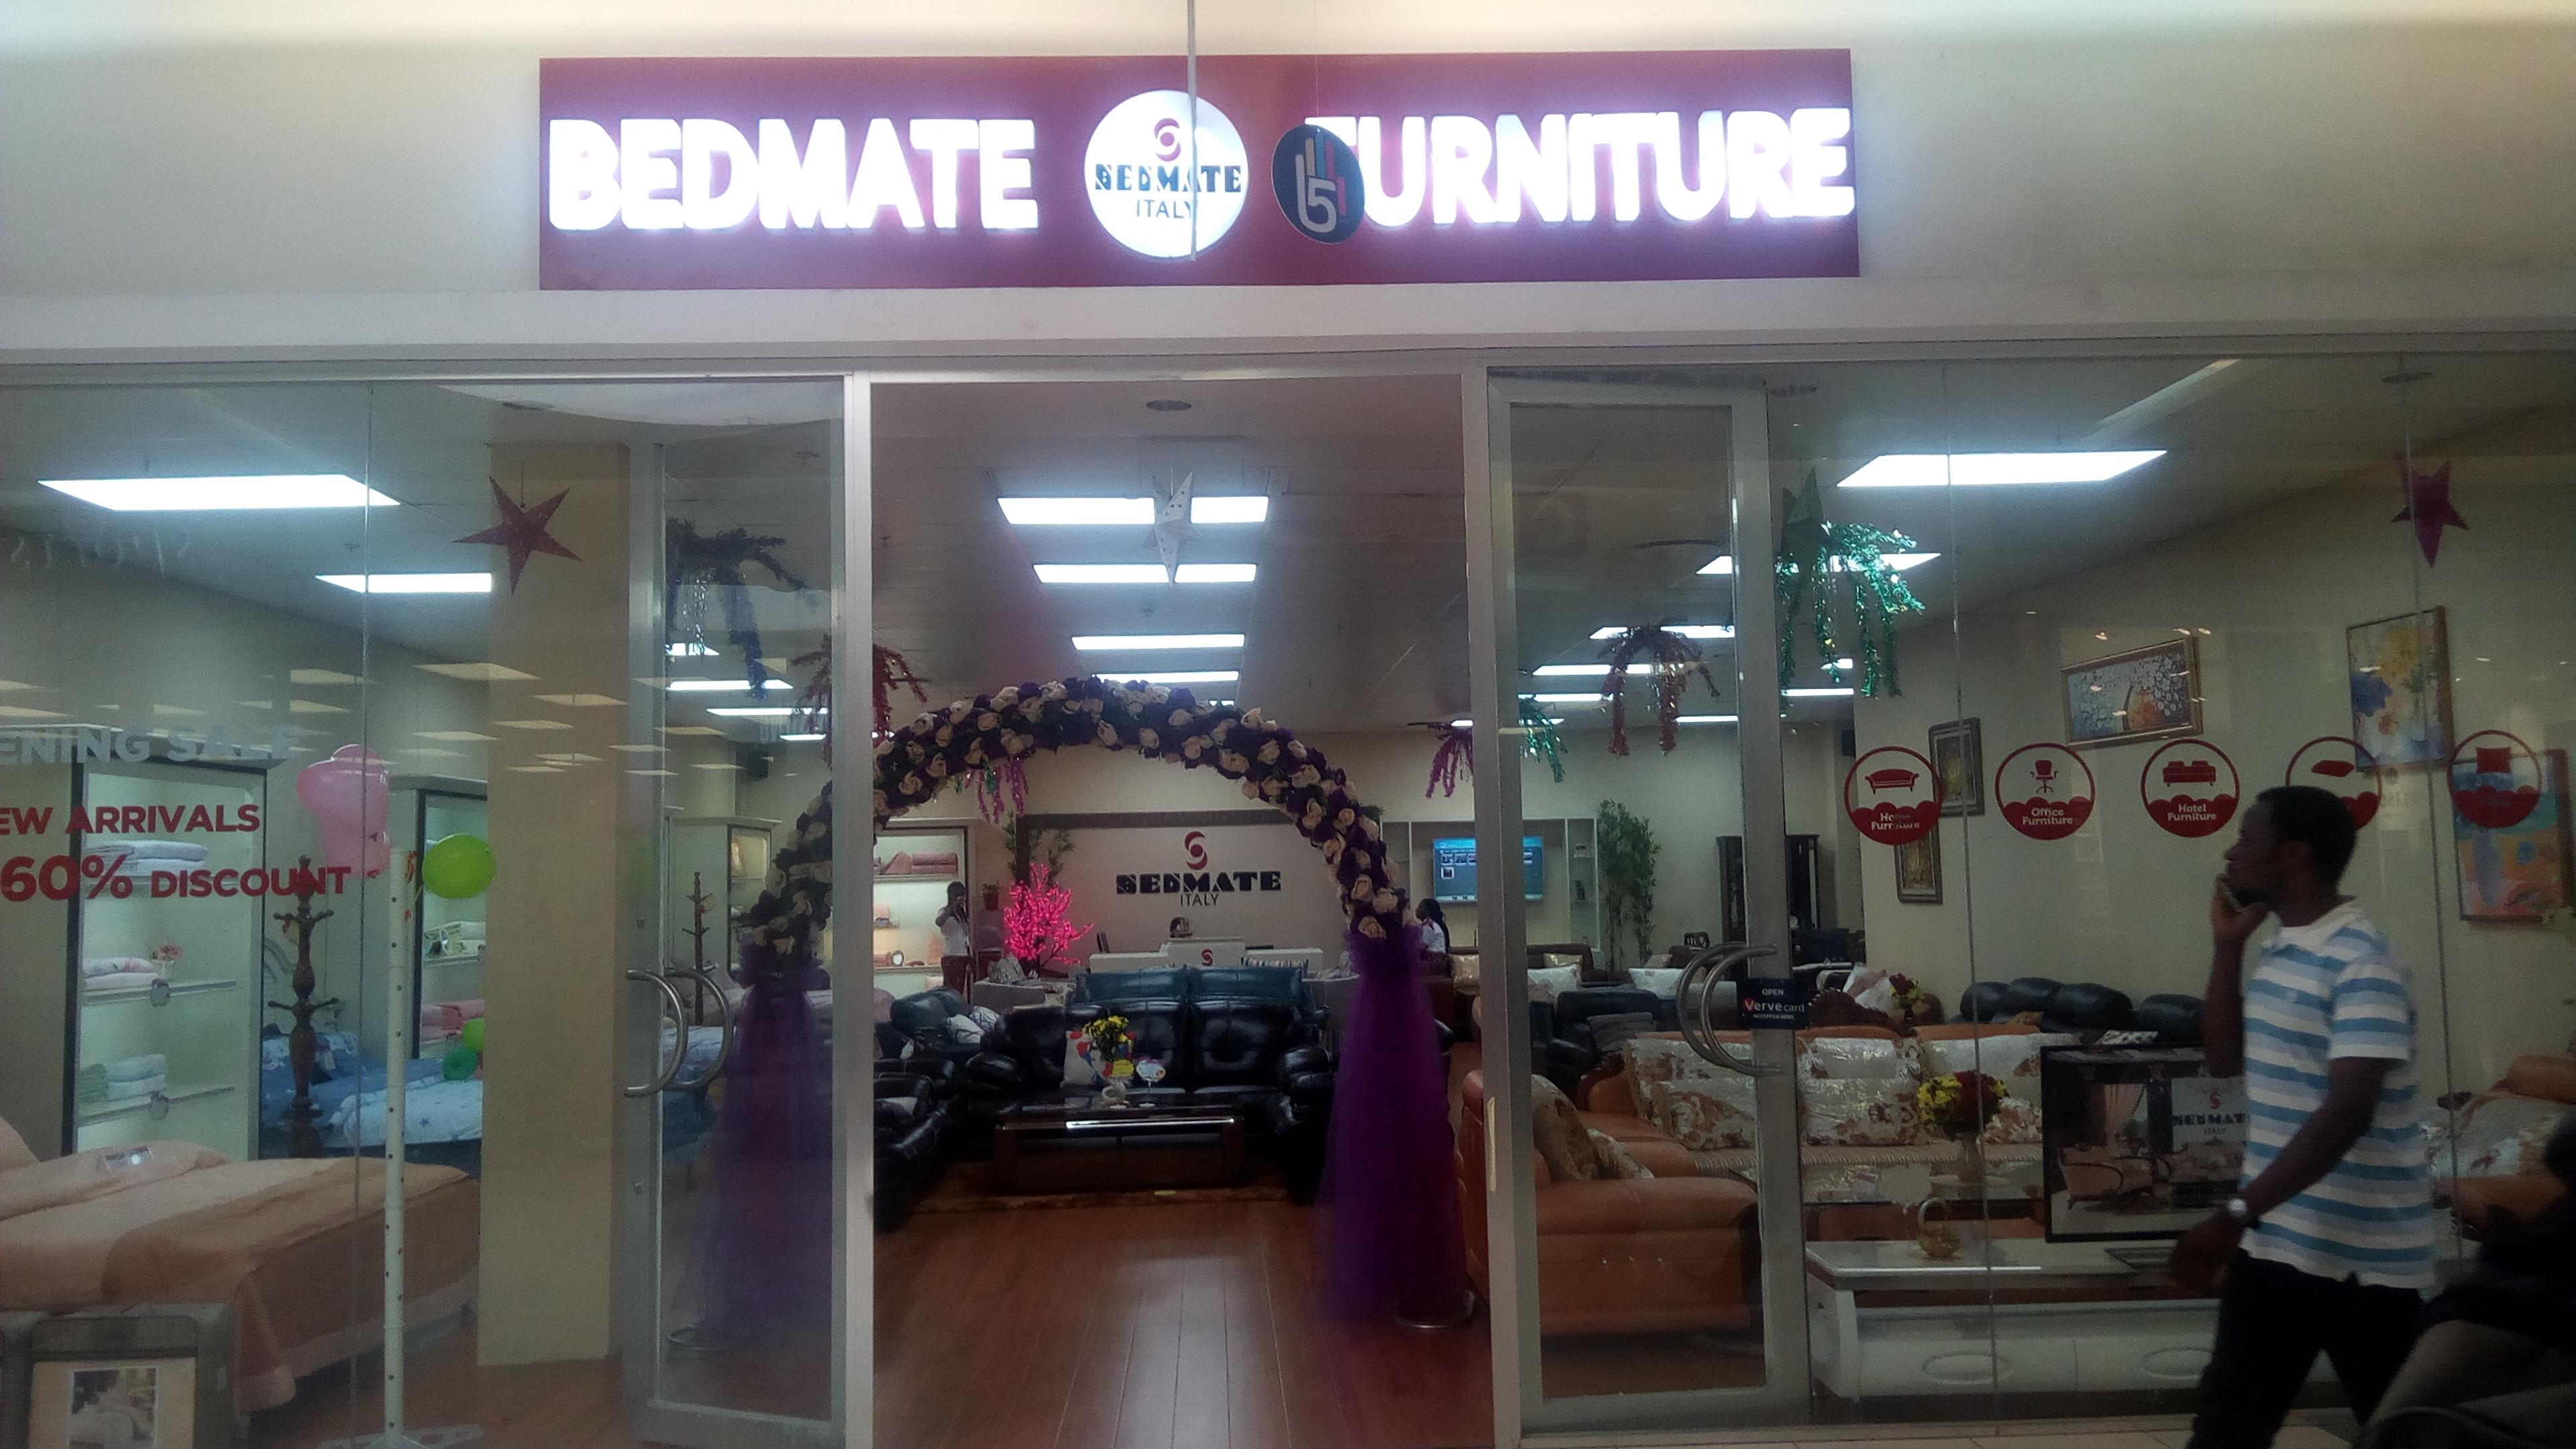 BedMate Furniture